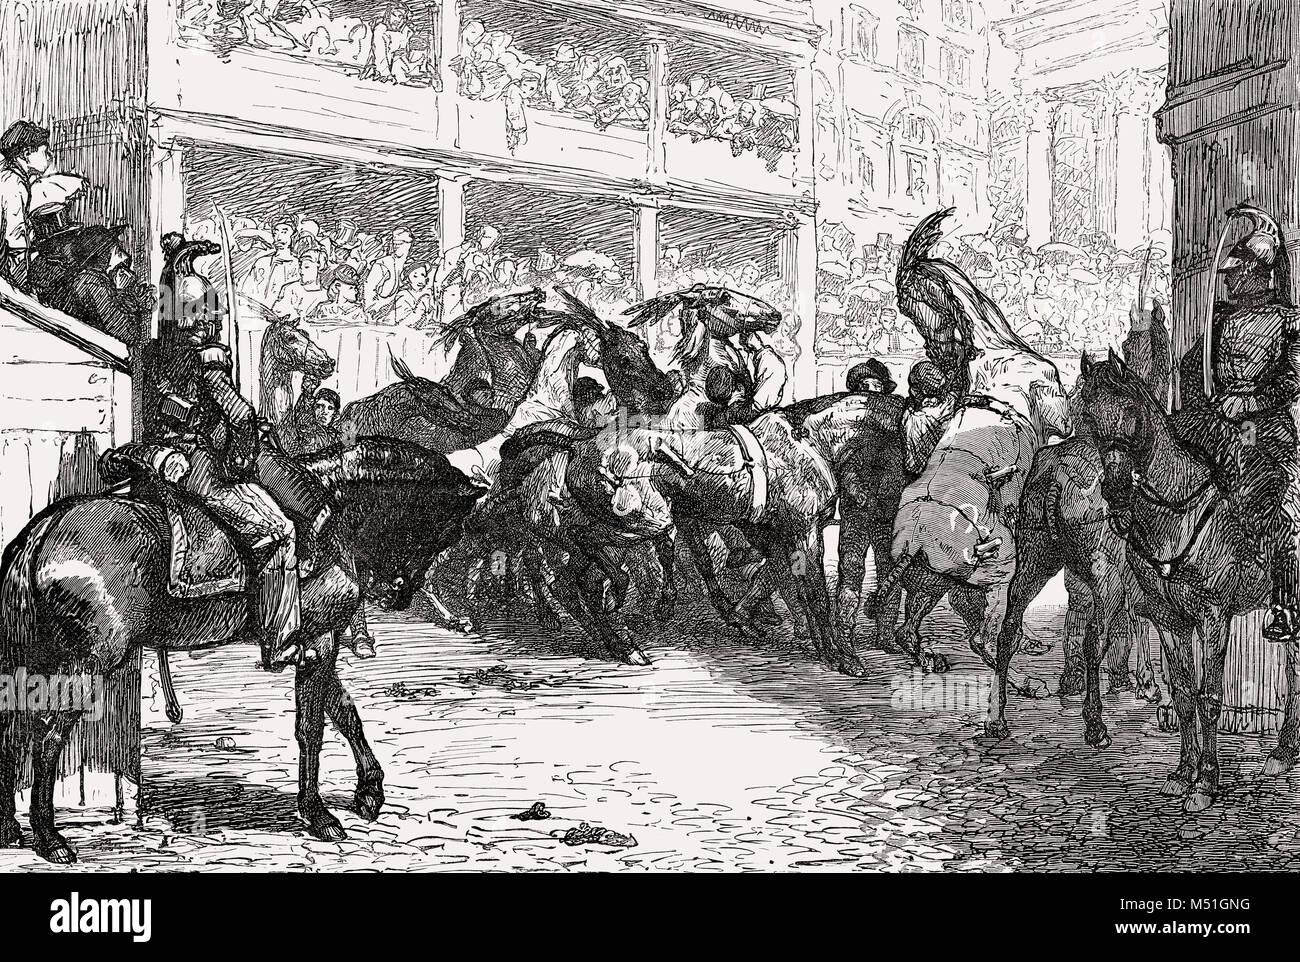 """Carnaval en Roma, el Barbary Caballos """" Inicio, Piazza del Popolo, Italia, del siglo XIX. Imagen De Stock"""